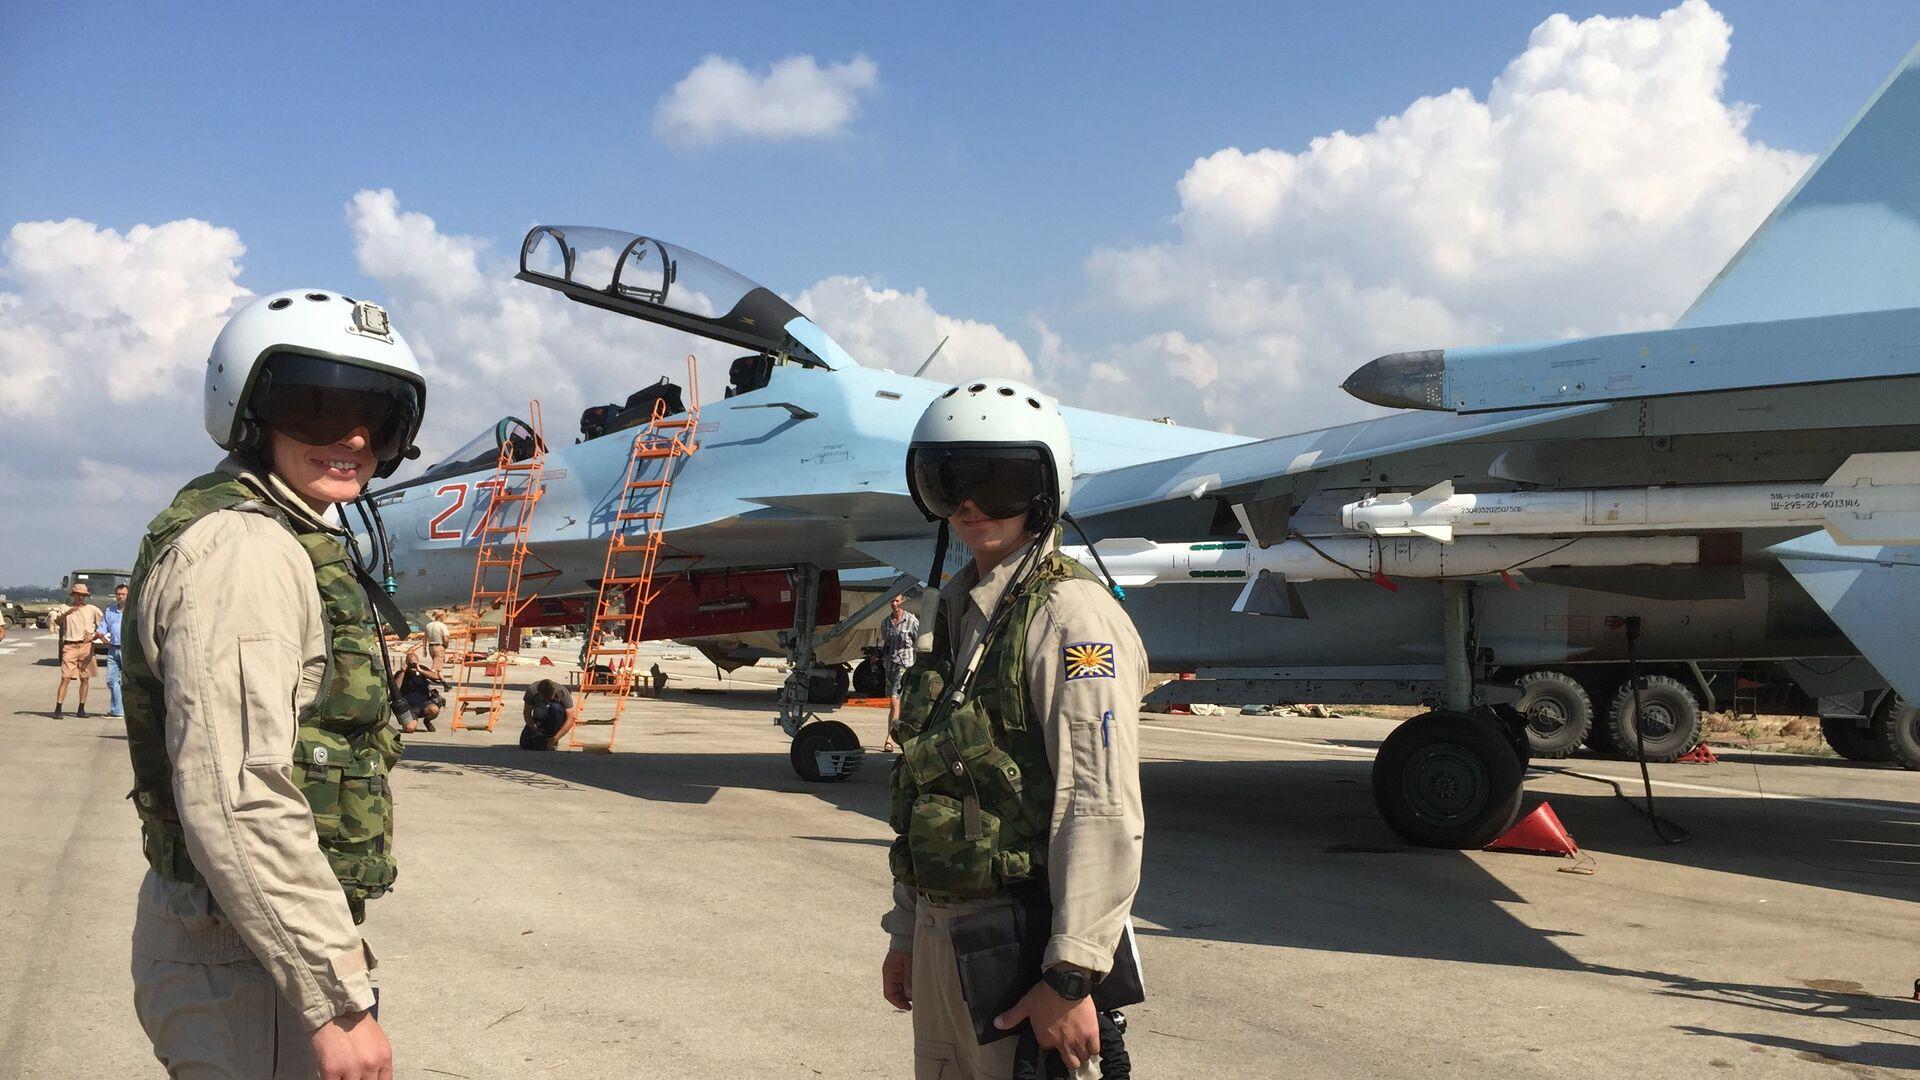 Российские летчики готовятся к полету на истребителе СУ-30СМ на авиабазе Хмеймим в Сирии - РИА Новости, 1920, 19.05.2021